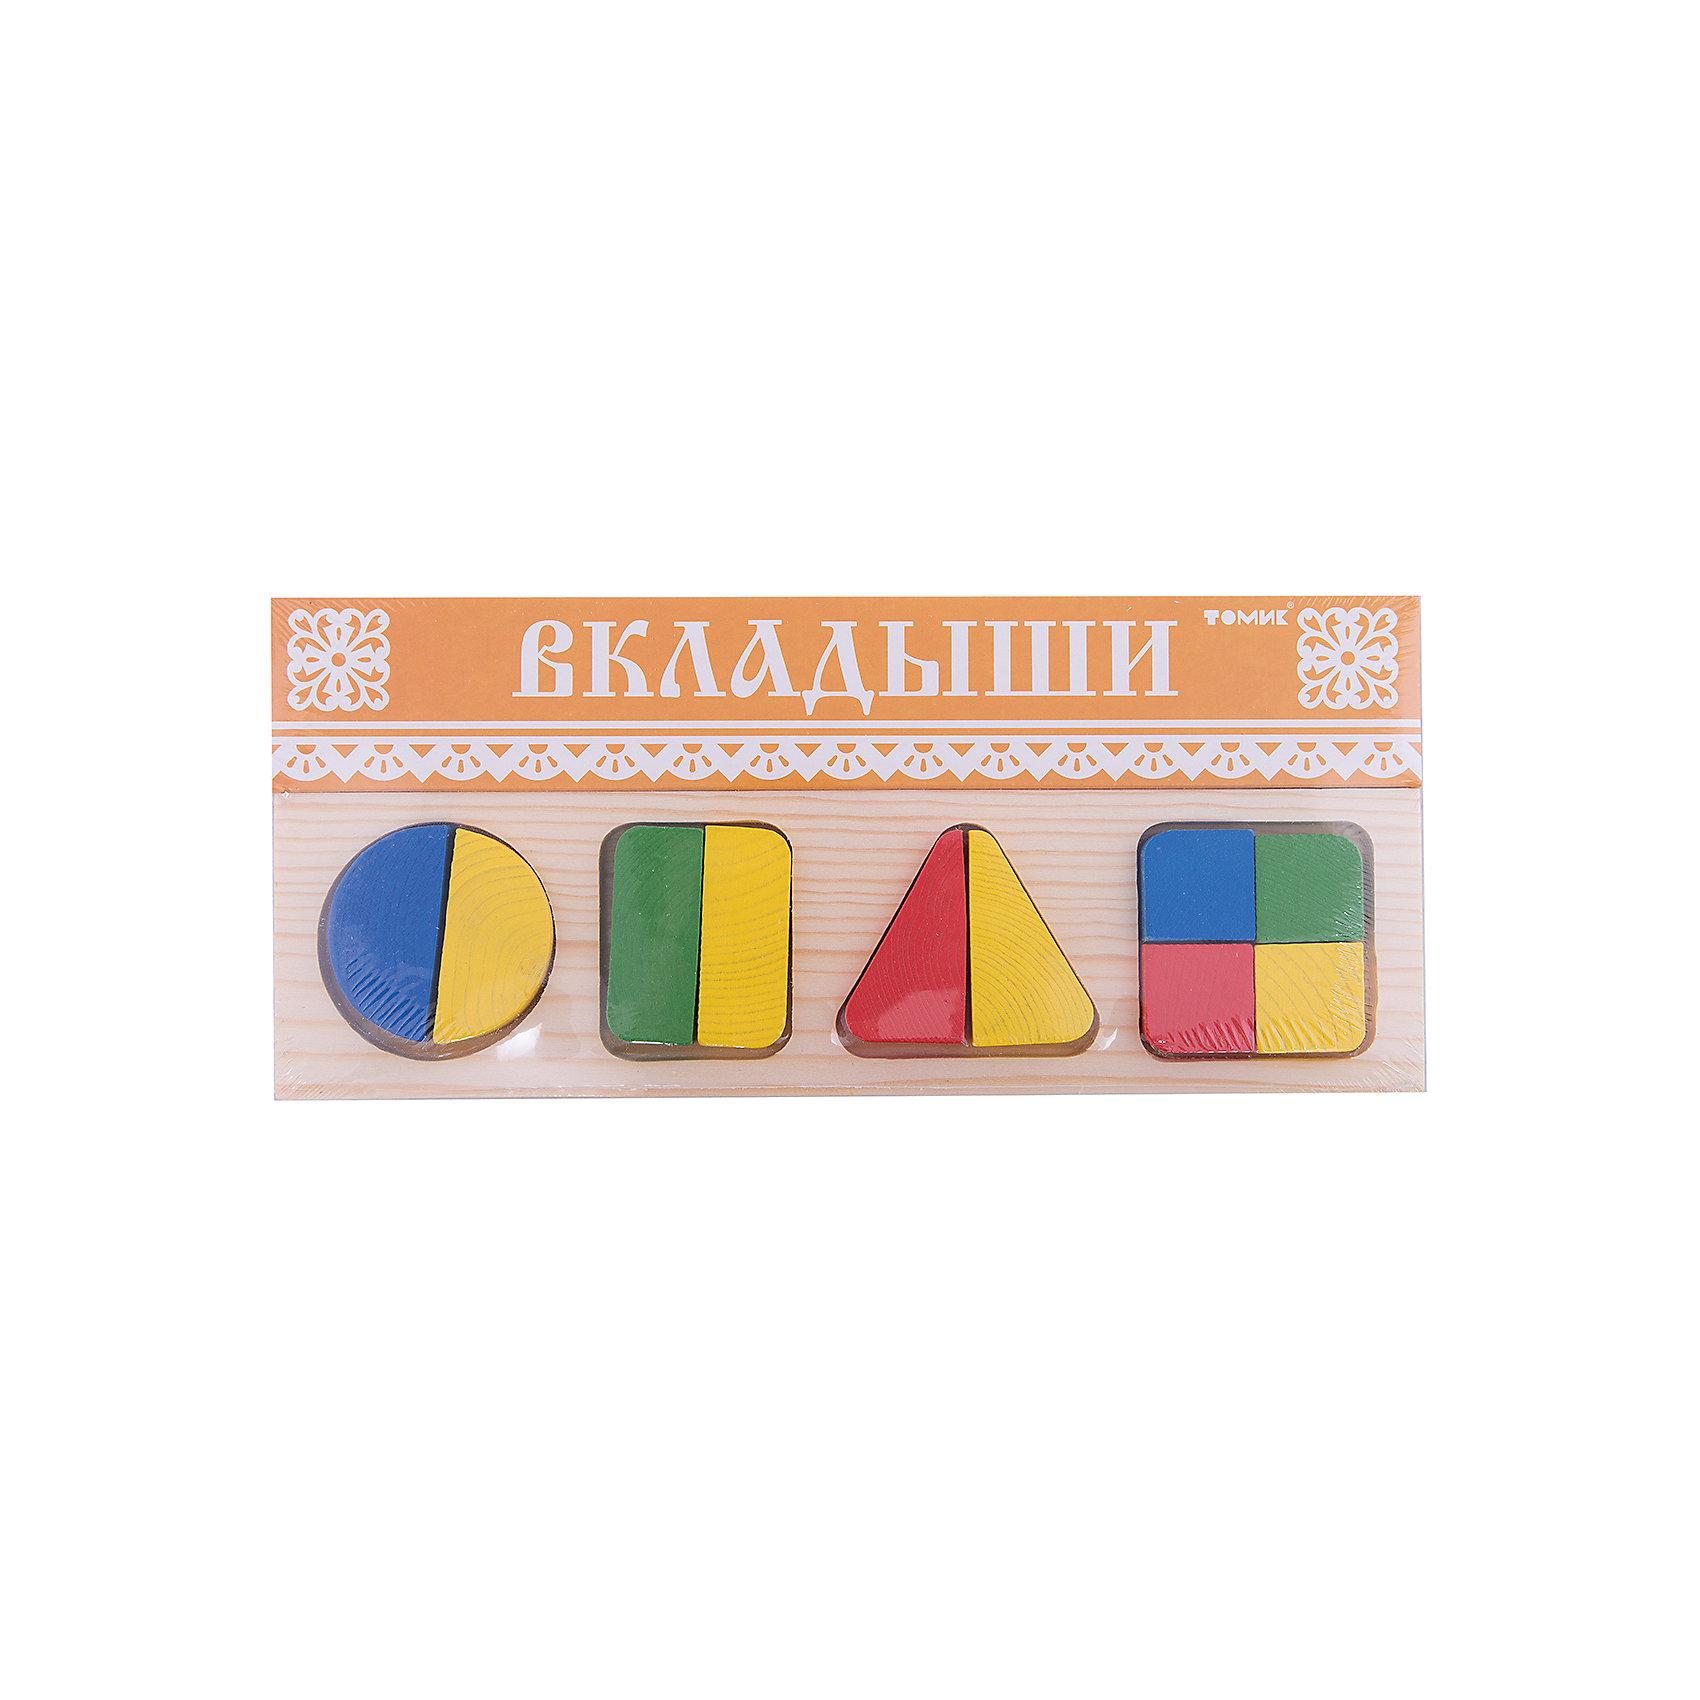 Рамка-вкладыш Геометрия Большая, ТомикРамки-вкладыши<br>Рамка-вкладыш «Геометрия Большая», Томик поможет ребенку познакомиться с геометрическими фигурами и понять, как из нескольких частей складывается целое.<br><br>Рамка-вкладыш представляет собой прямоугольную рамку с четырьмя углублениями для геометрических фигур – круга, квадрата, прямоугольника и треугольника. Каждая из этих фигур поделена на части. В углубления рамки нужно вставлять подходящие детали, чтобы получить целую фигуру. Так, круг, прямоугольник и треугольник состоят из двух частей, а квадрат из четырех. <br><br>Комплектация:<br>- рамка-вкладыш<br>- 10 элементов<br><br>Дополнительная информация:<br><br>- размер упаковки: 30х13х1,5 см<br>- вес: 255 г<br>- материал: дерево<br><br>Рамка-вкладыш «Геометрия Большая», Томик – полезная игра для ребенка, которая развивает усидчивость, пространственное мышление, мелкую моторику рук.<br><br>Рамку-вкладыш «Геометрия Большая», Томик можно купить в нашем магазине.<br><br>Ширина мм: 300<br>Глубина мм: 130<br>Высота мм: 15<br>Вес г: 270<br>Возраст от месяцев: 12<br>Возраст до месяцев: 36<br>Пол: Унисекс<br>Возраст: Детский<br>SKU: 3574609